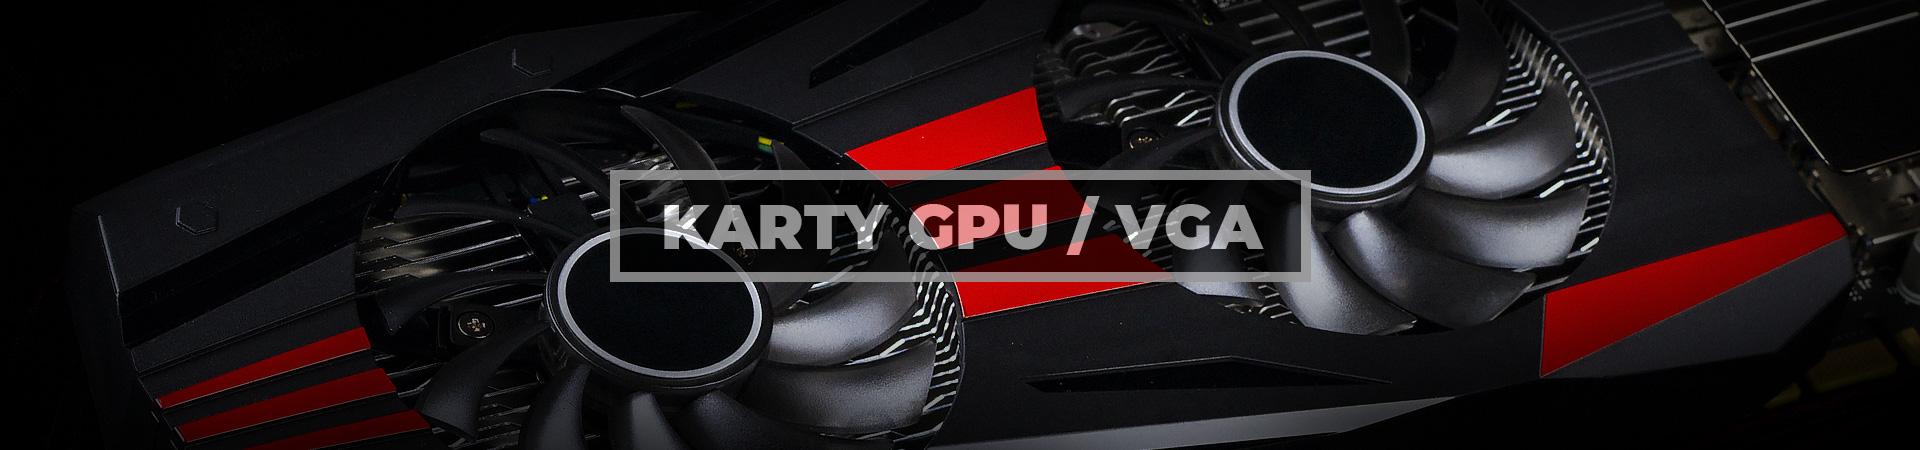 karty GPU / VGA